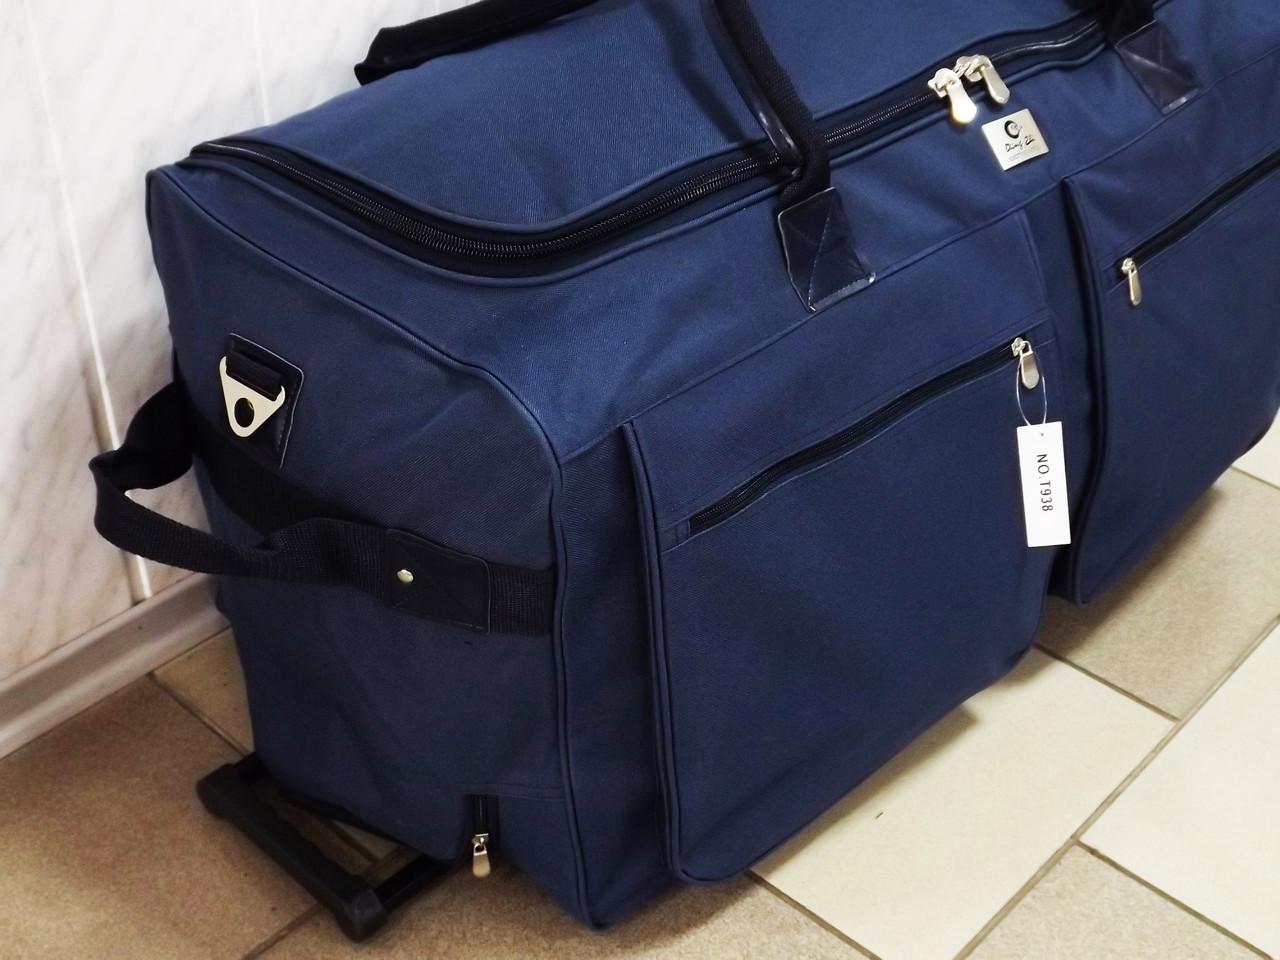 3f3798a6d9d1 Очень большая сумка на колесах Т-938 синяя 130 литров: продажа, цена ...